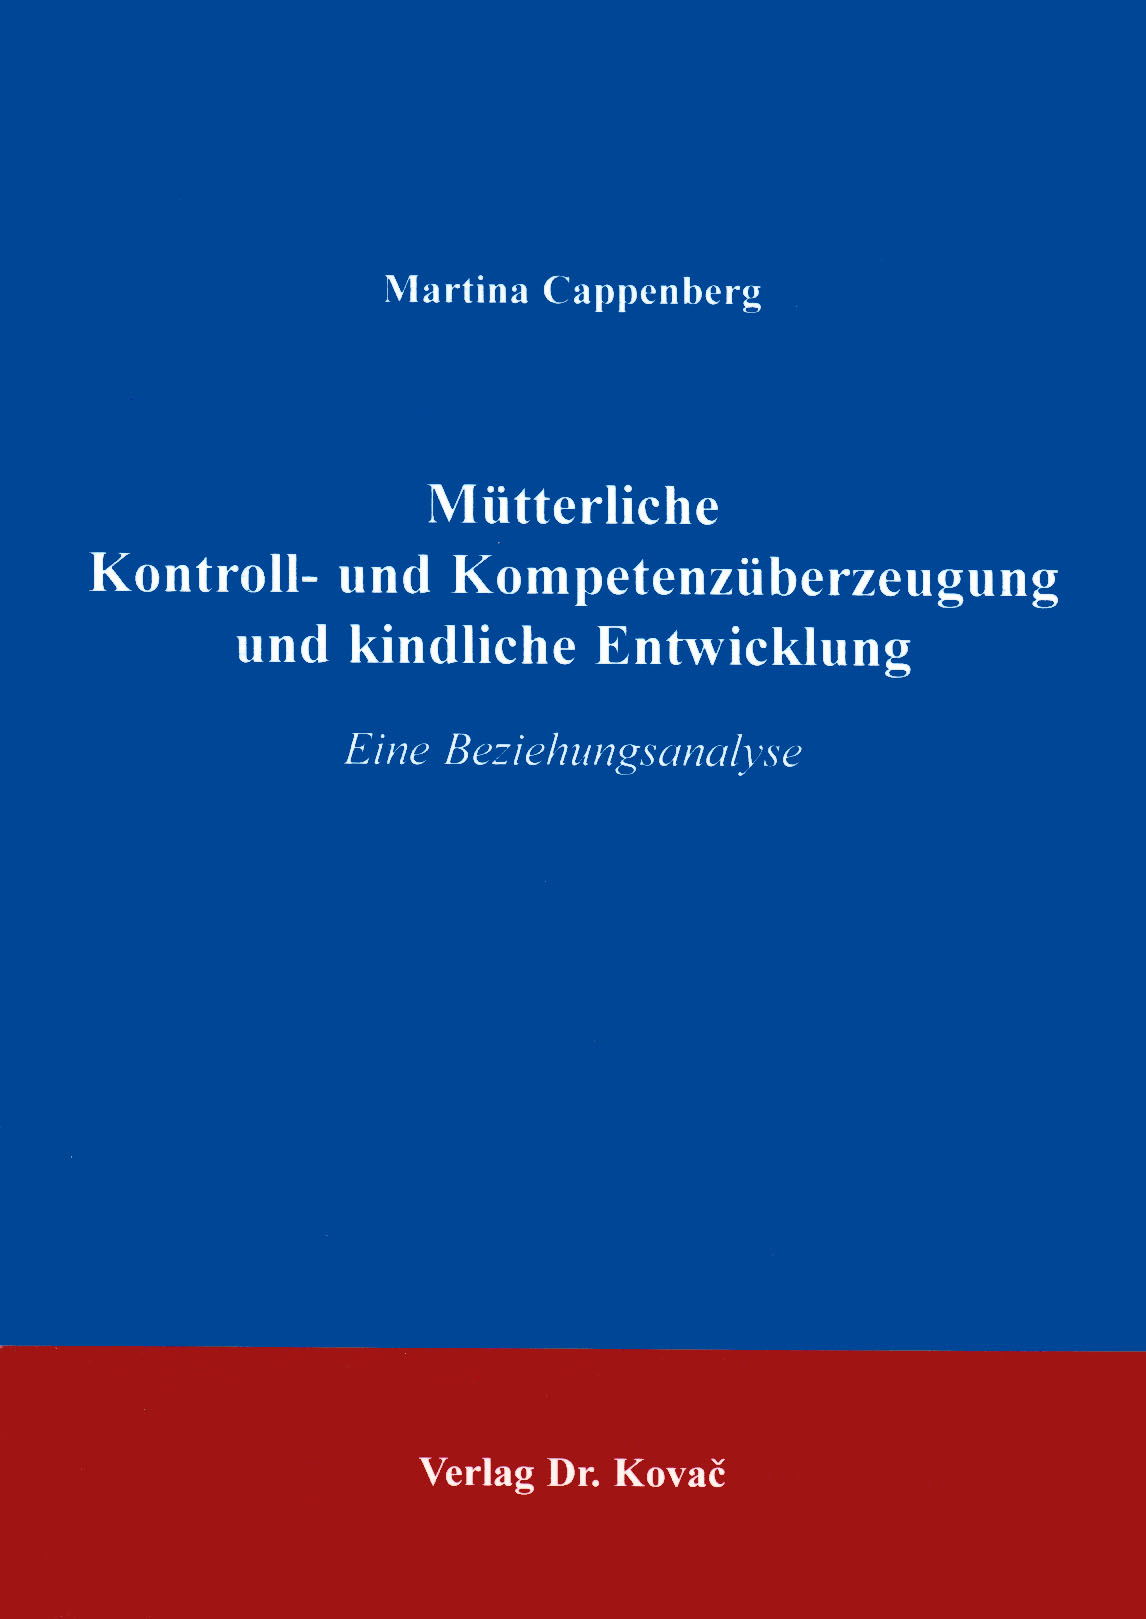 Cover: Mütterliche Kontroll- und Kompetenzüberzeugung und kindliche Entwicklung